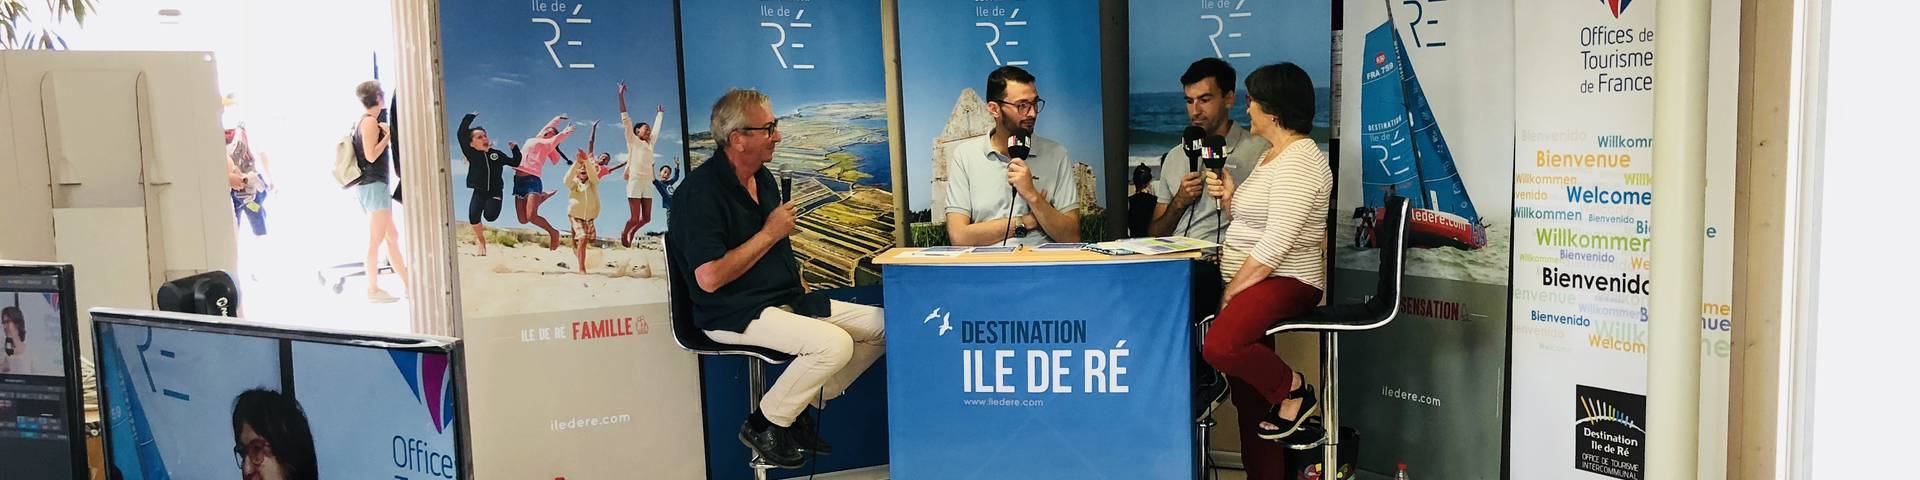 ©Jérôme Léchelle